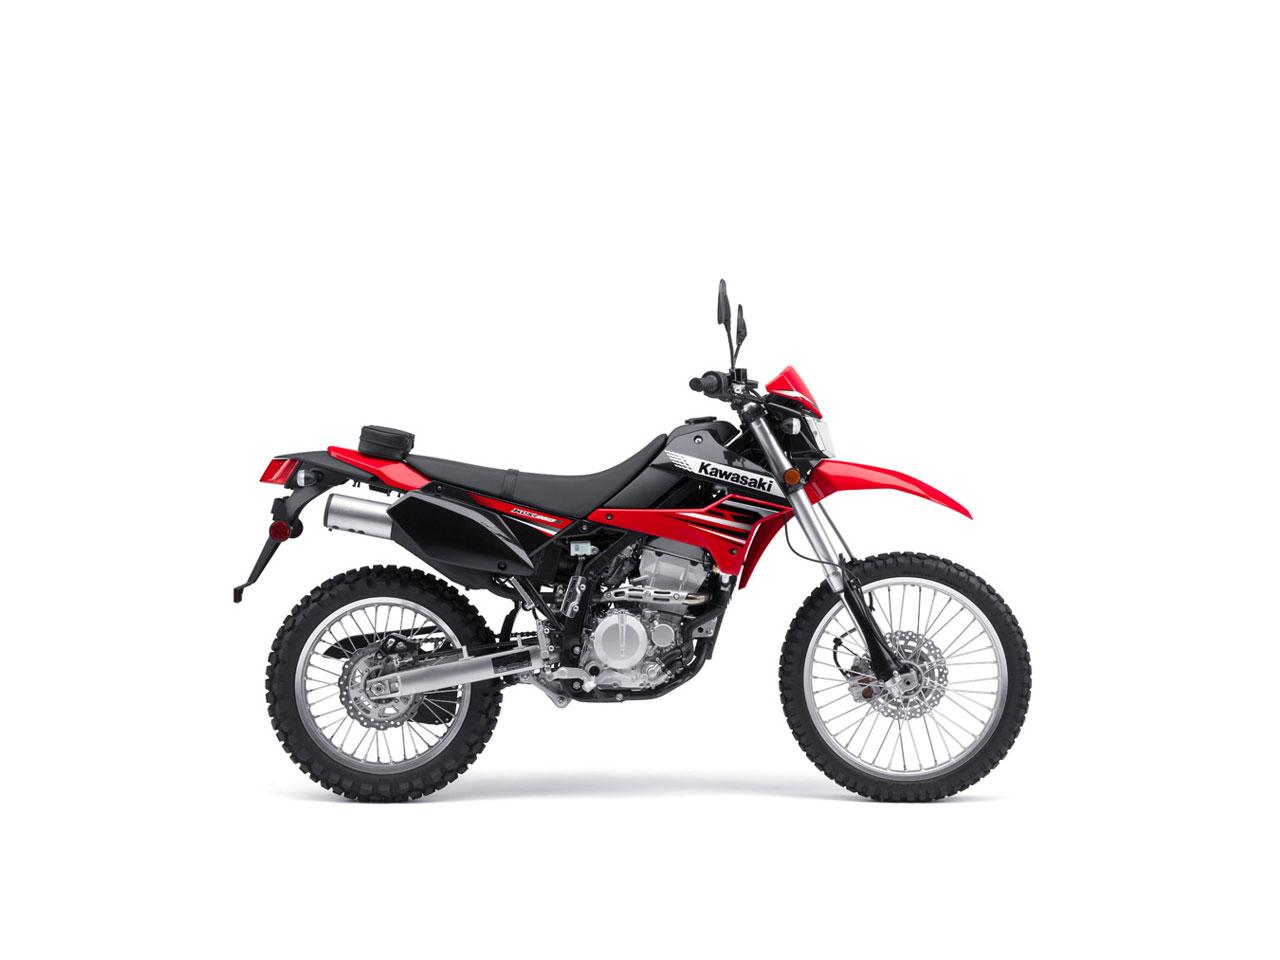 Kawasaki Motor Bikes: 2012 Kawasaki KLX250S